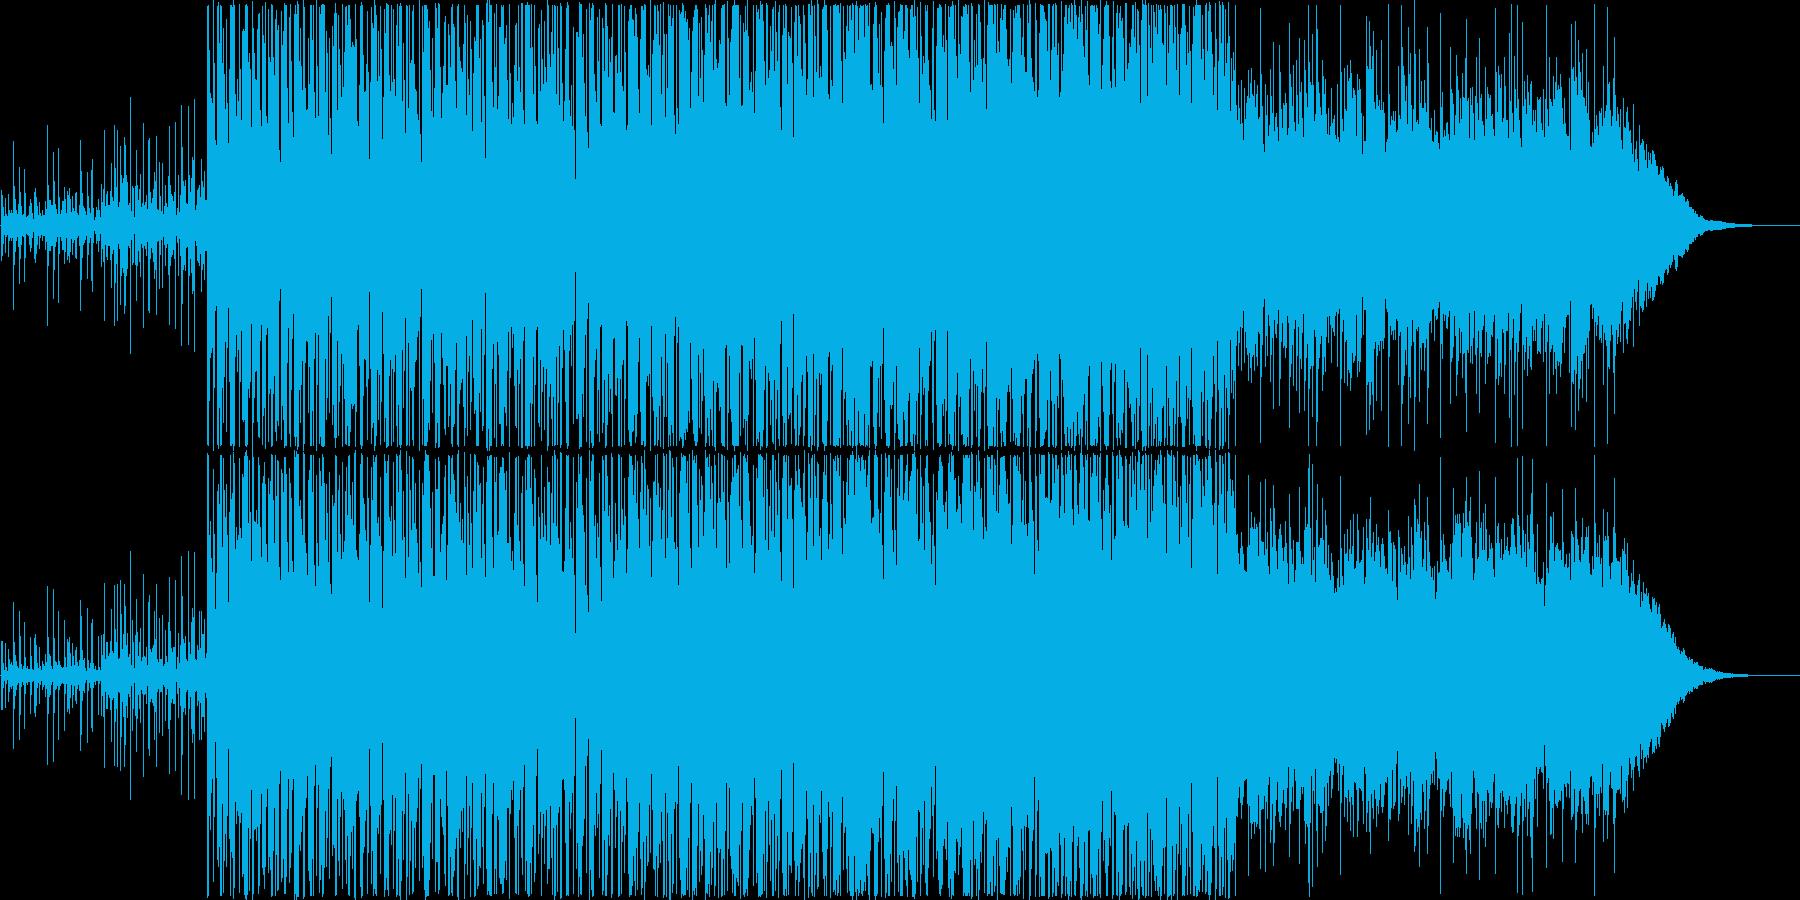 前向きな南国トロピカル風BGMですの再生済みの波形